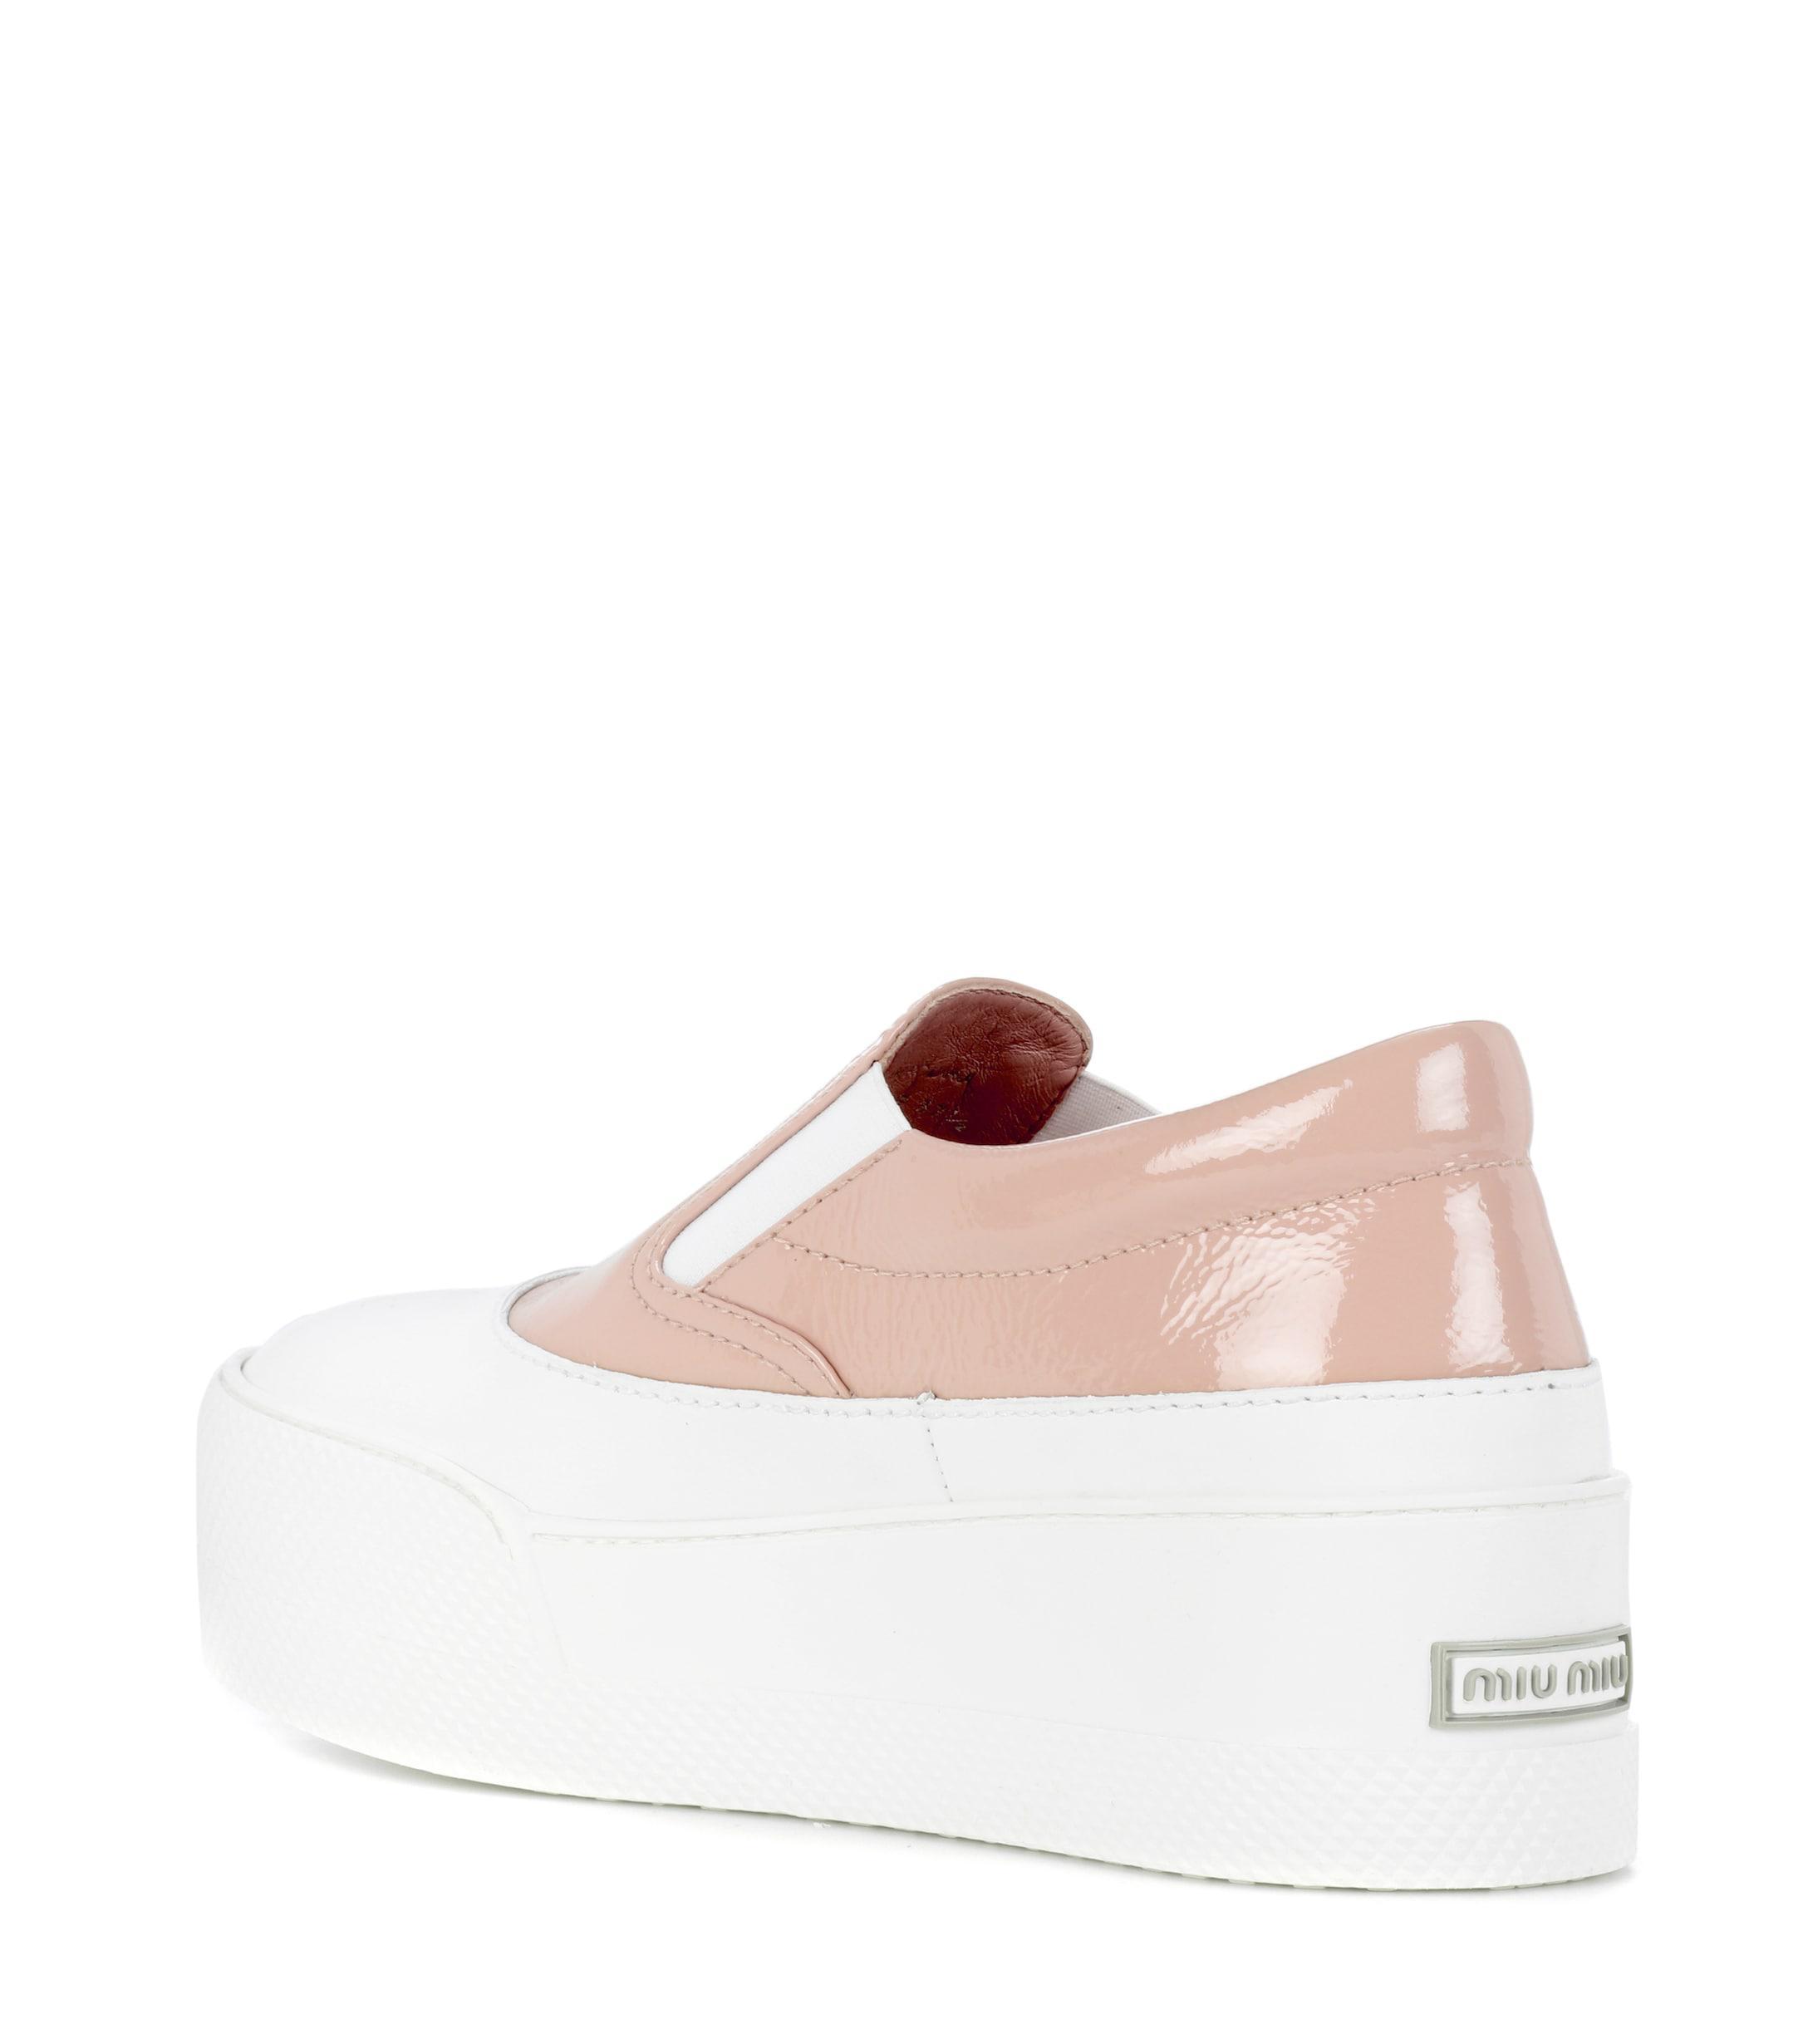 Zapatillas con plataforma sin cordones Miu Miu de Cuero de color Rosa